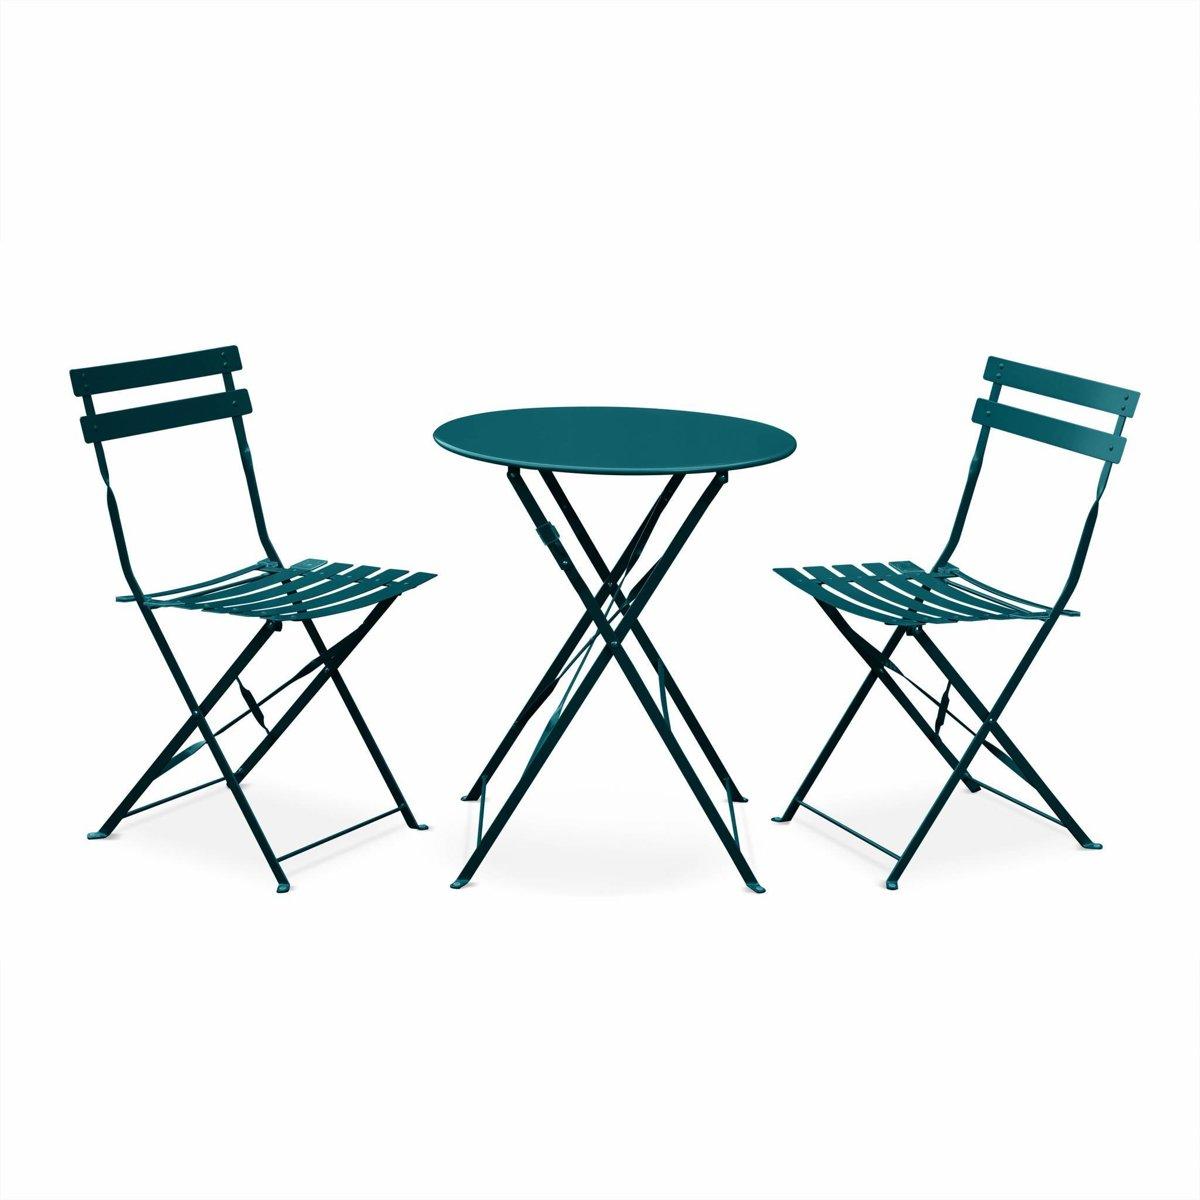 Bistro tuin set, 1 ronde tafel en 2 opklapbare stoelen met poedercoating kopen